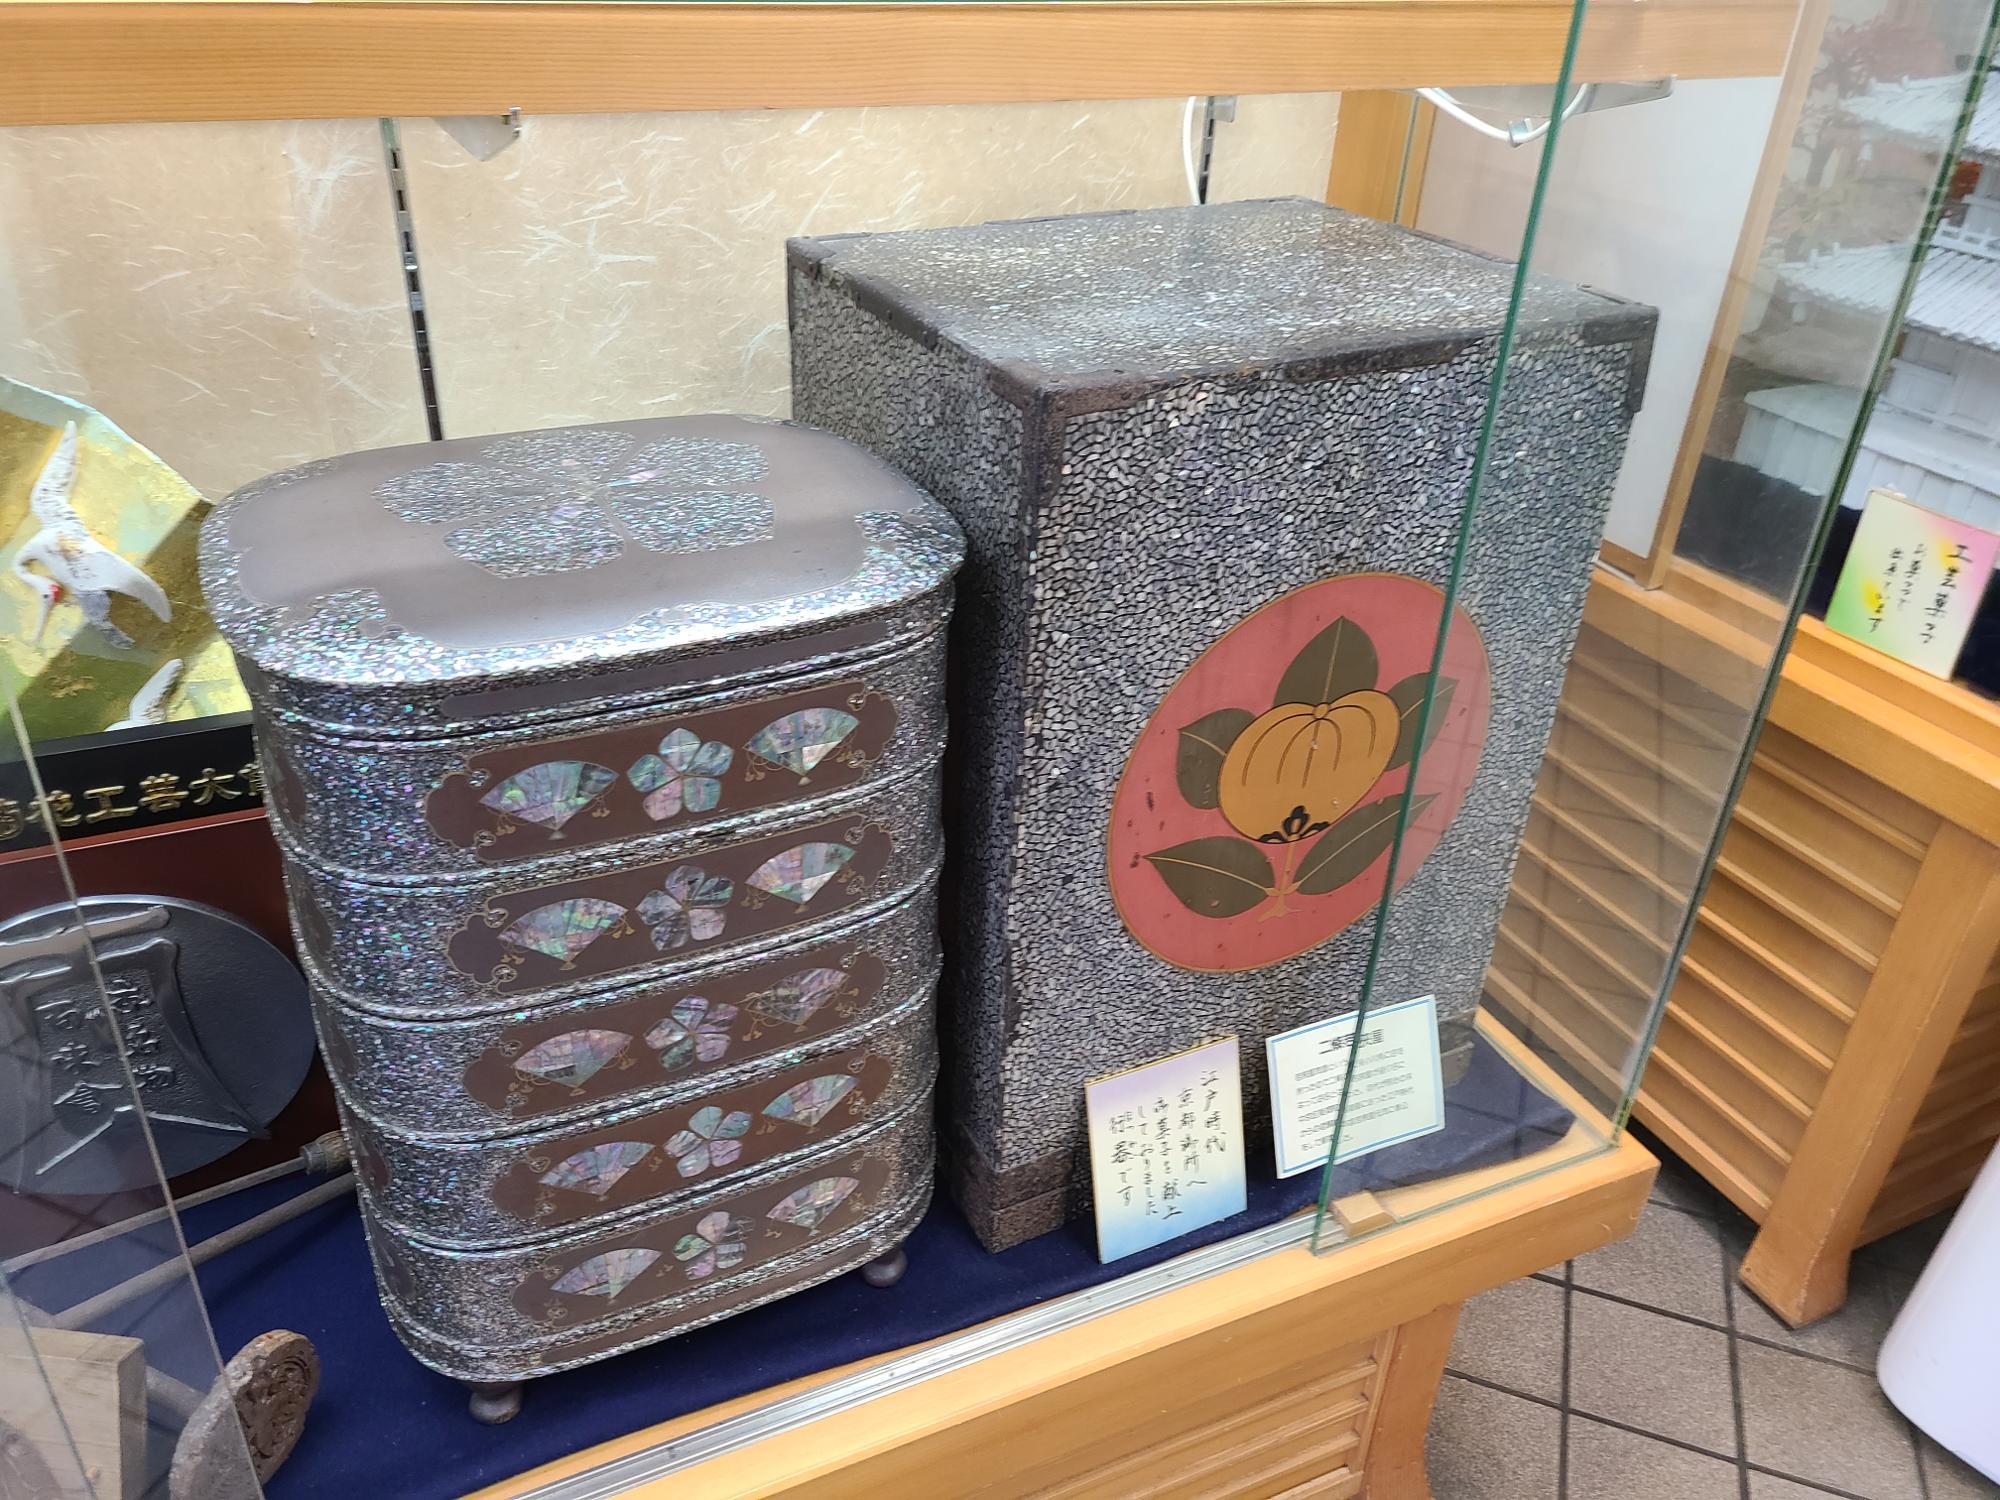 京の朝廷にお菓子を献上していた頃の行器(ほつかい)